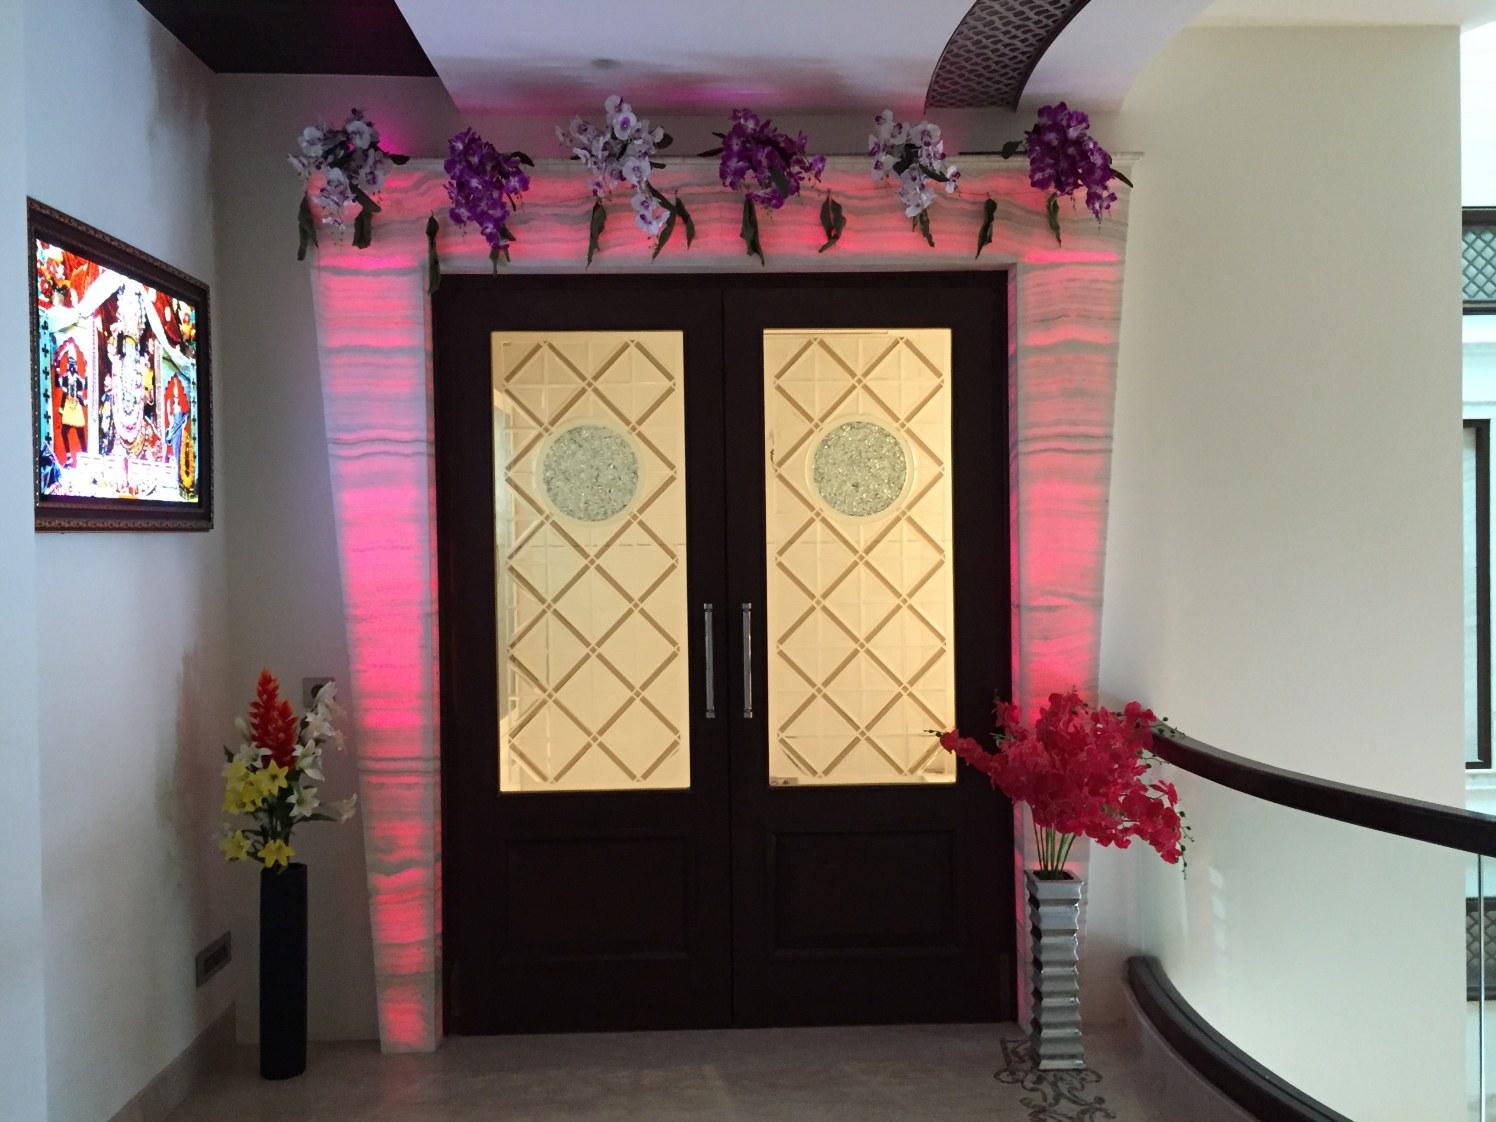 Hallway With Floral Entrance Decor by Tarique Anwar Indoor-spaces Contemporary   Interior Design Photos & Ideas